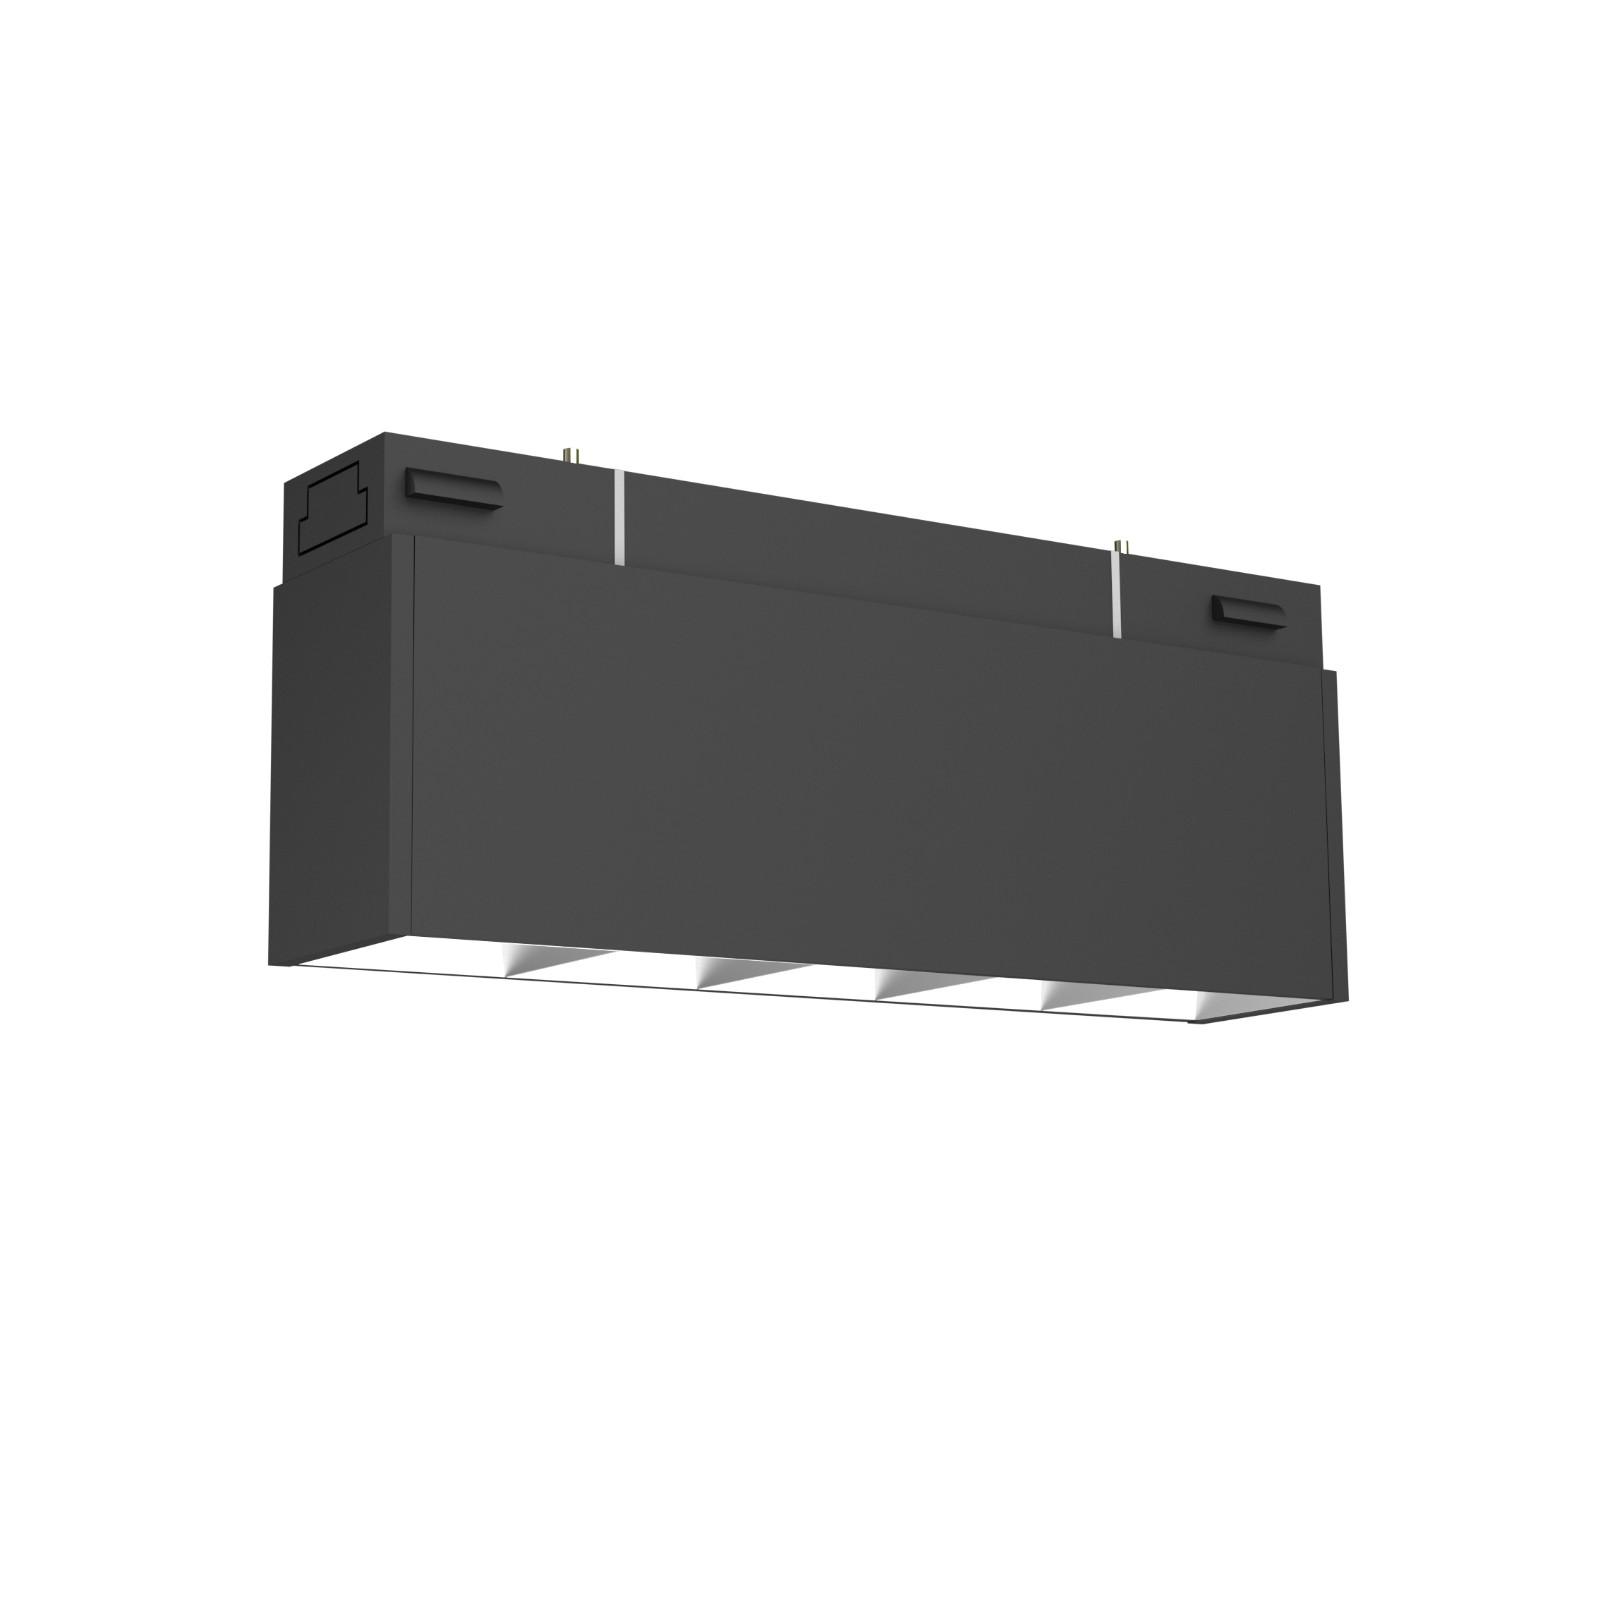 PNY-Led Track Light Manufacturer, Led Light Fixtures | Pny